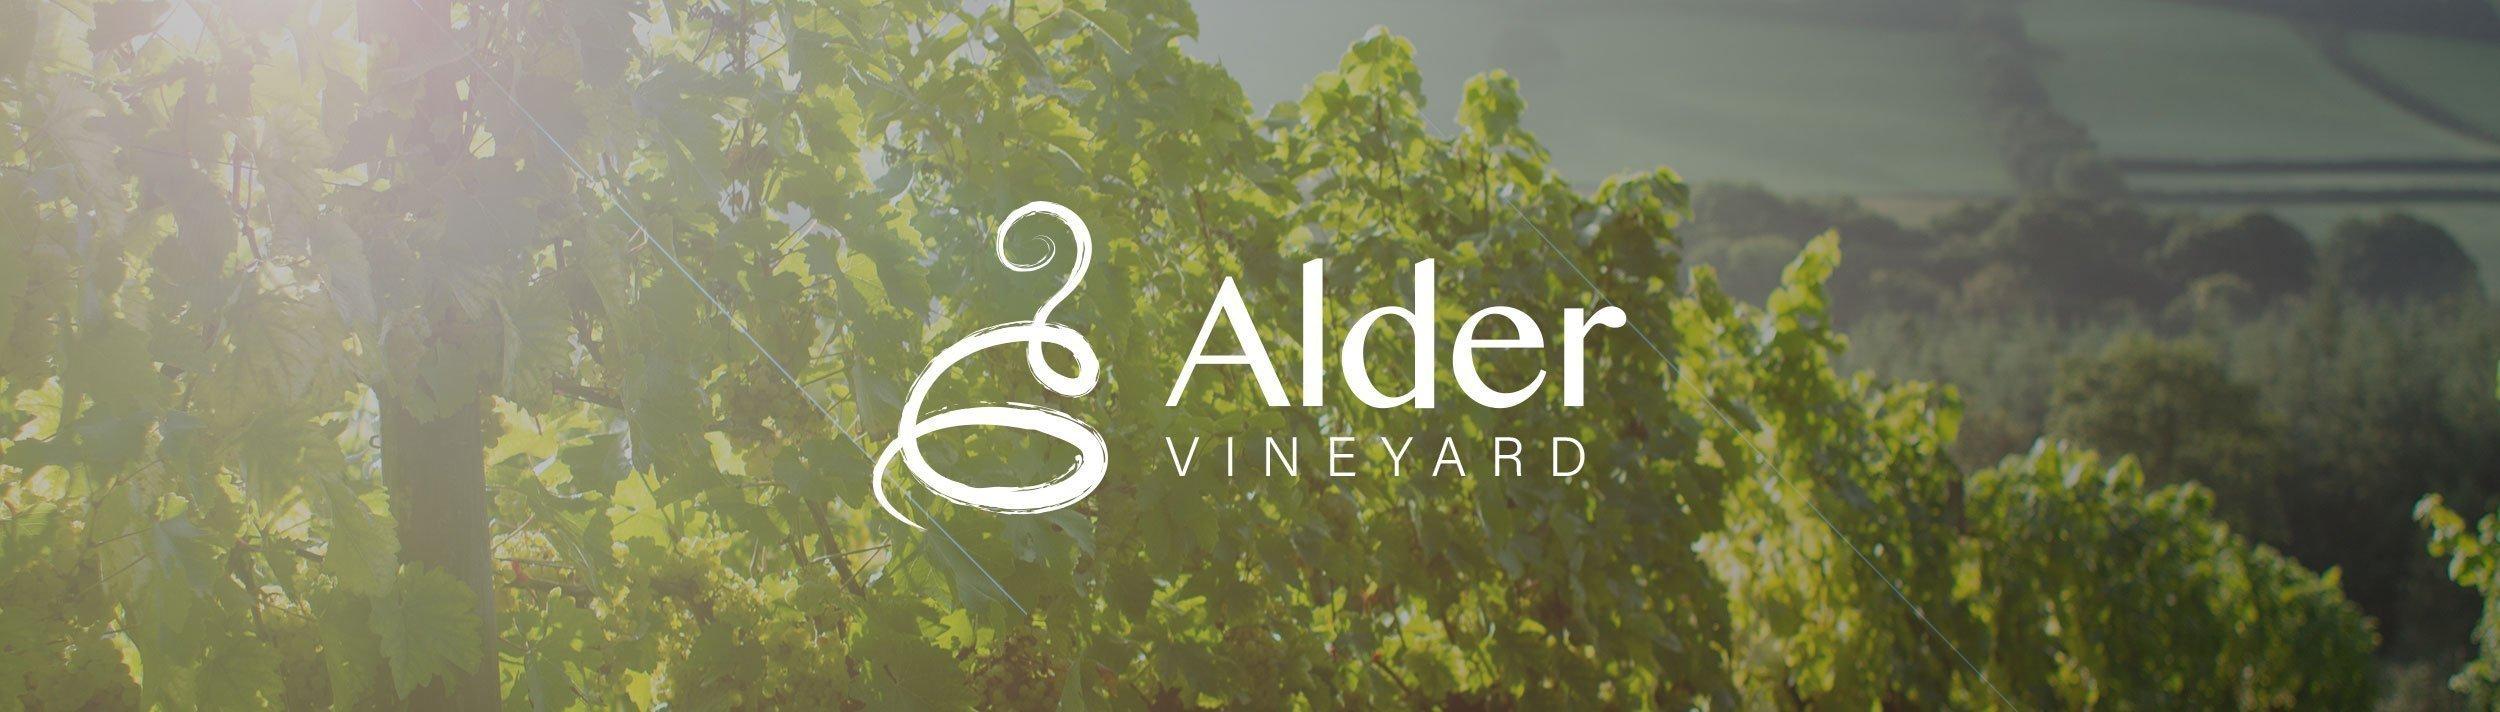 Alder Vineyard new brand